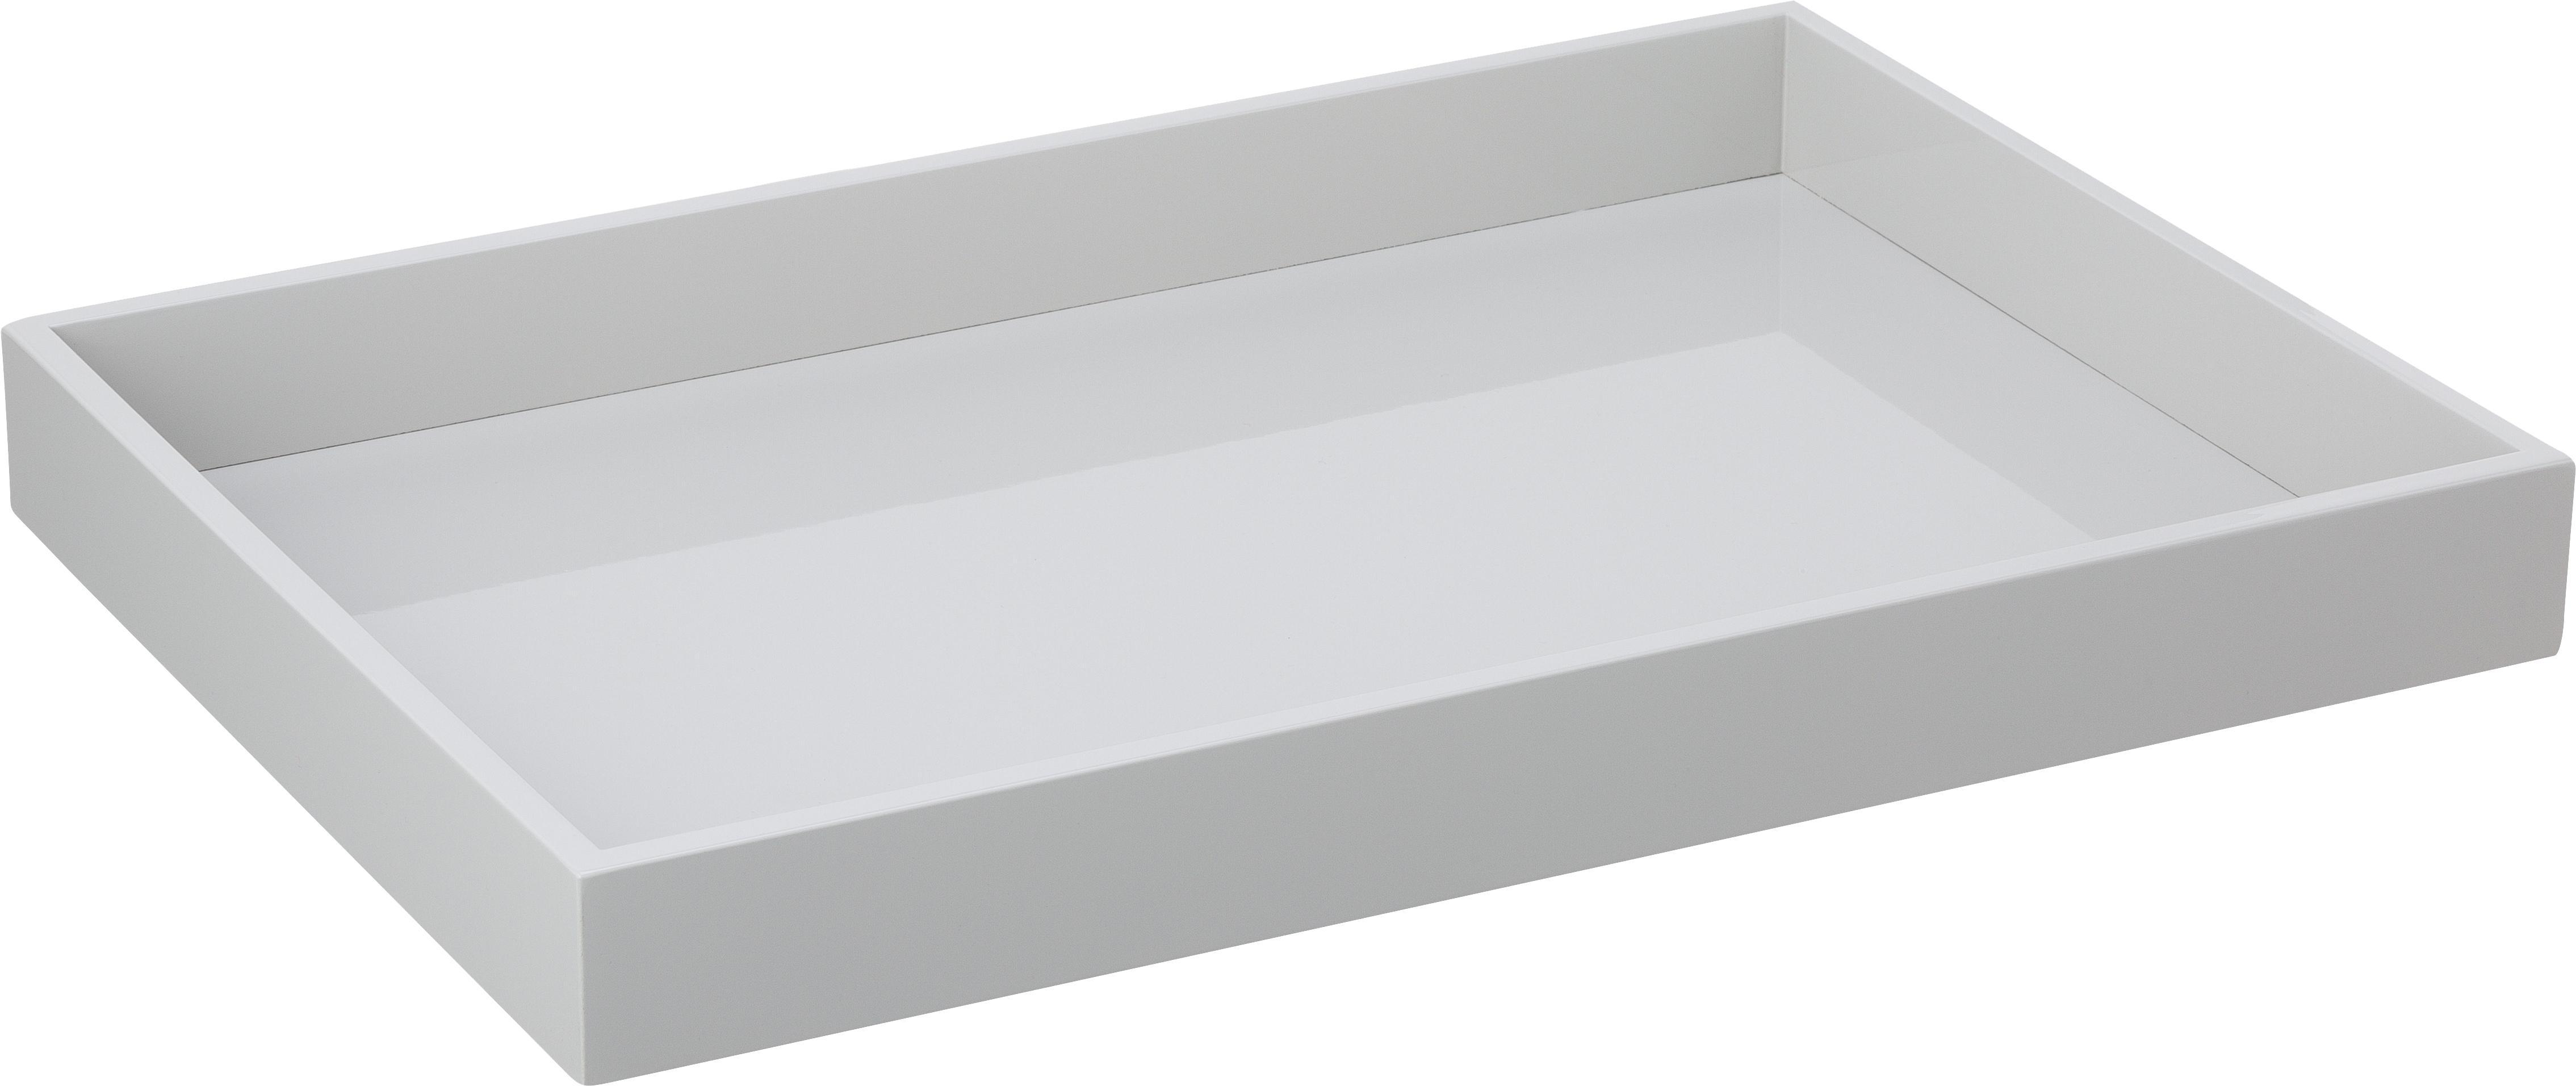 Taca z wysokim połyskiem Hayley, Jasnoszary Spód: jasny szary, S 50 x G 35 cm